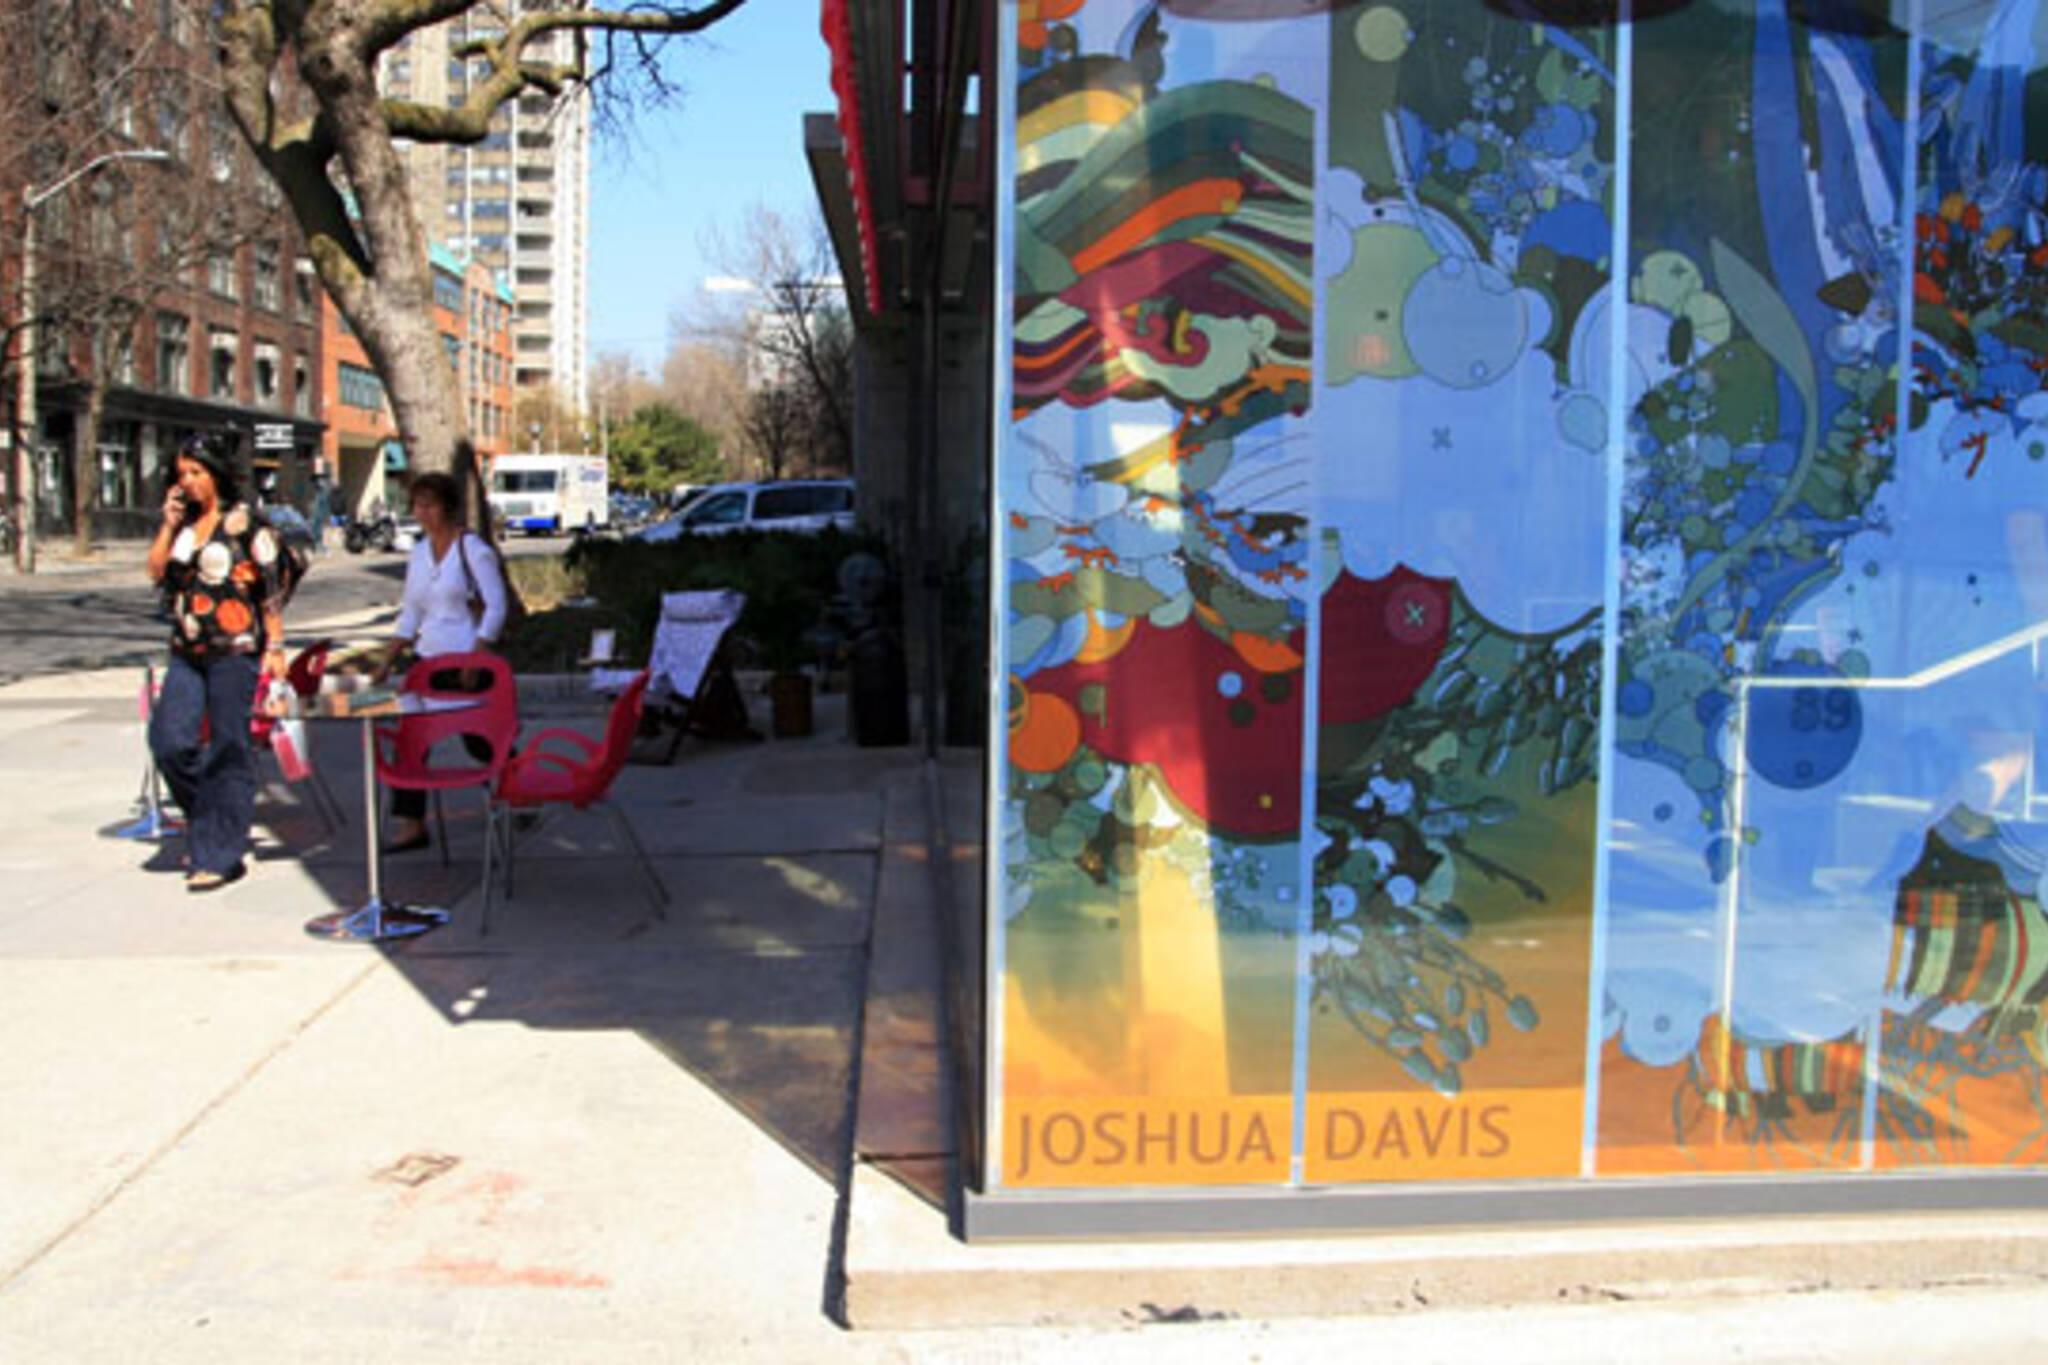 Joshua Davis